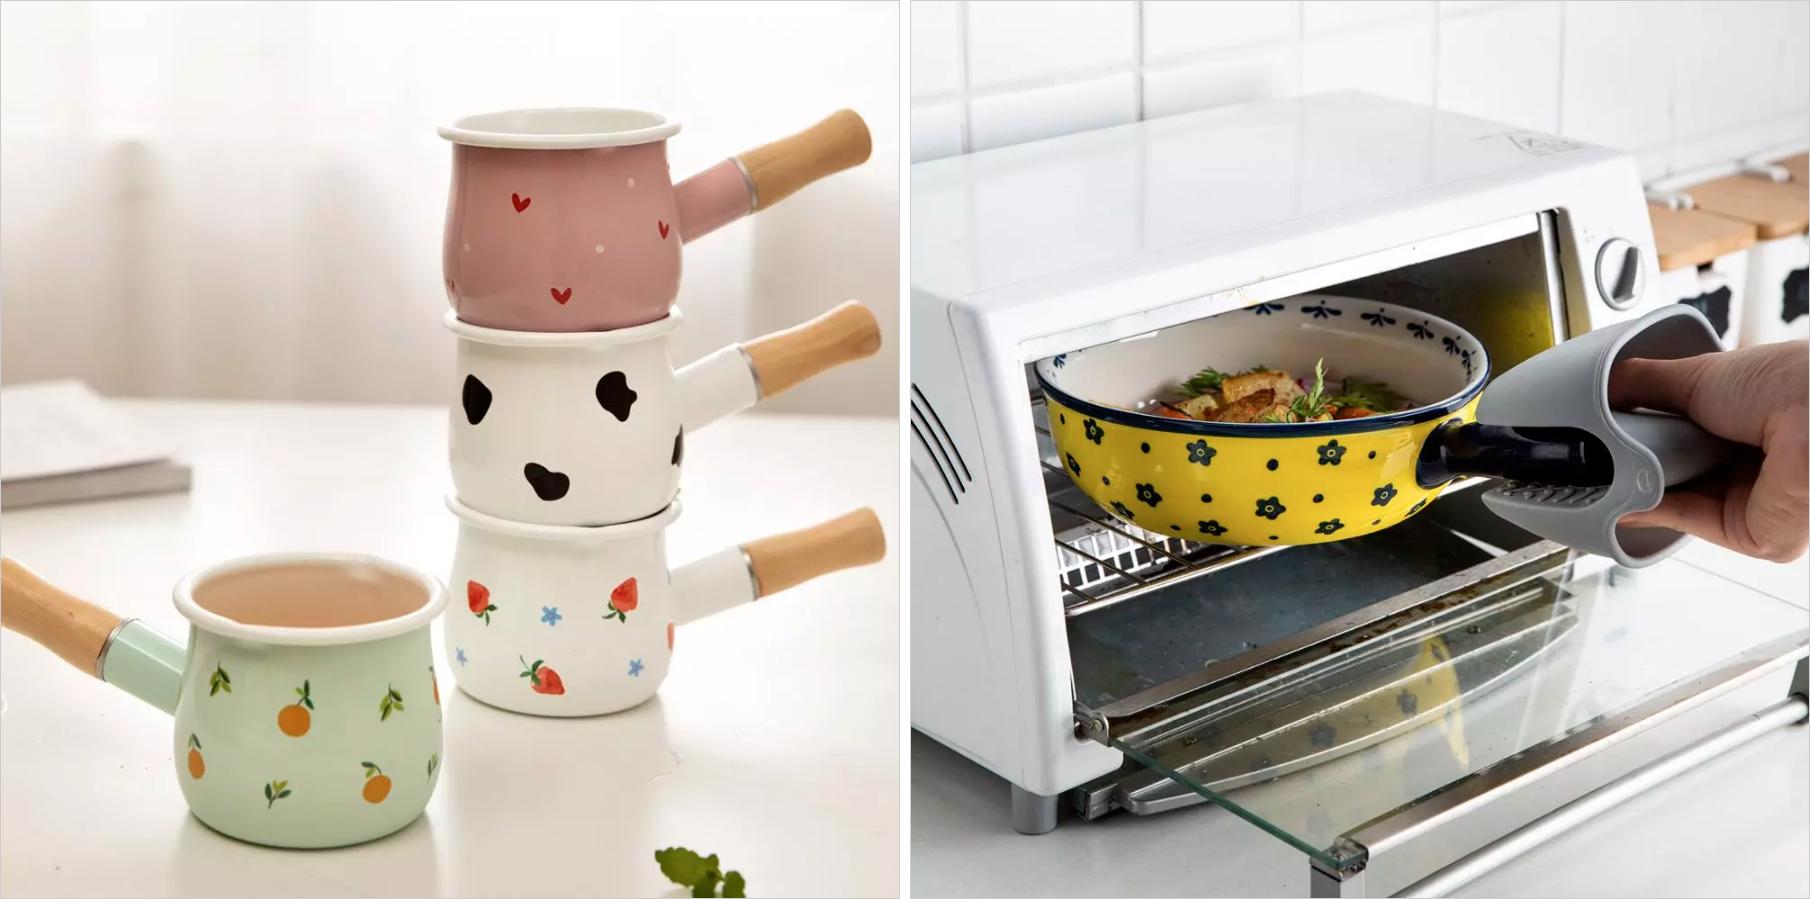 По фото посуда кажется похожей, но в реальности турки будут работать на индукционной плите, а форма длязапекания — нет